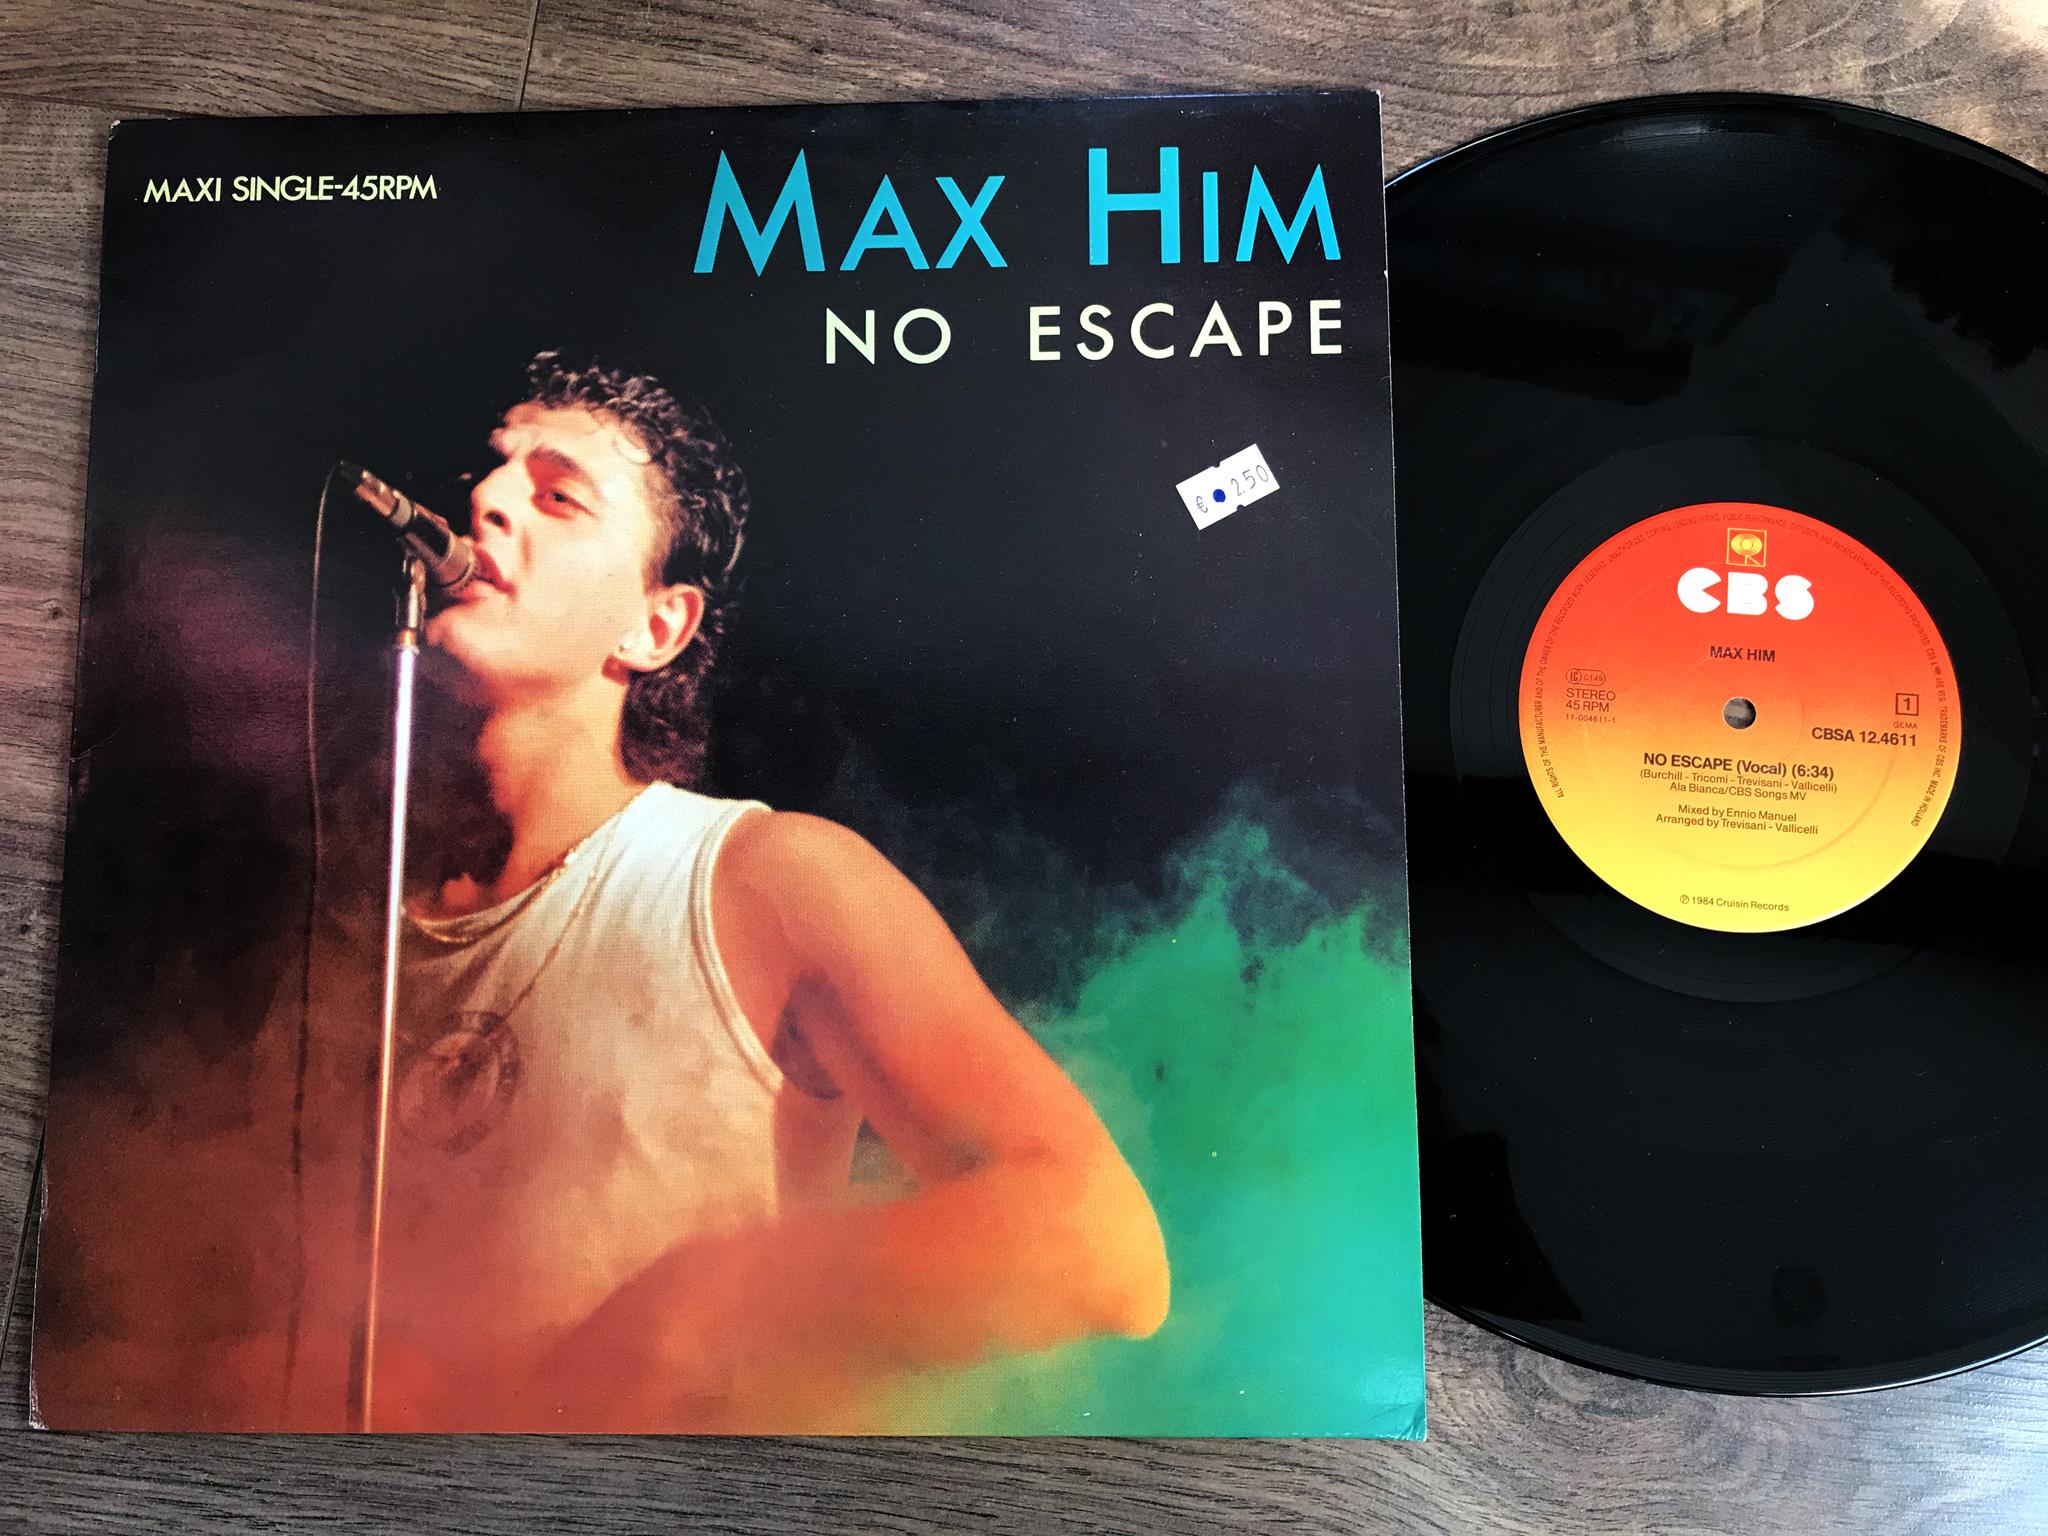 Max Him - No Escape